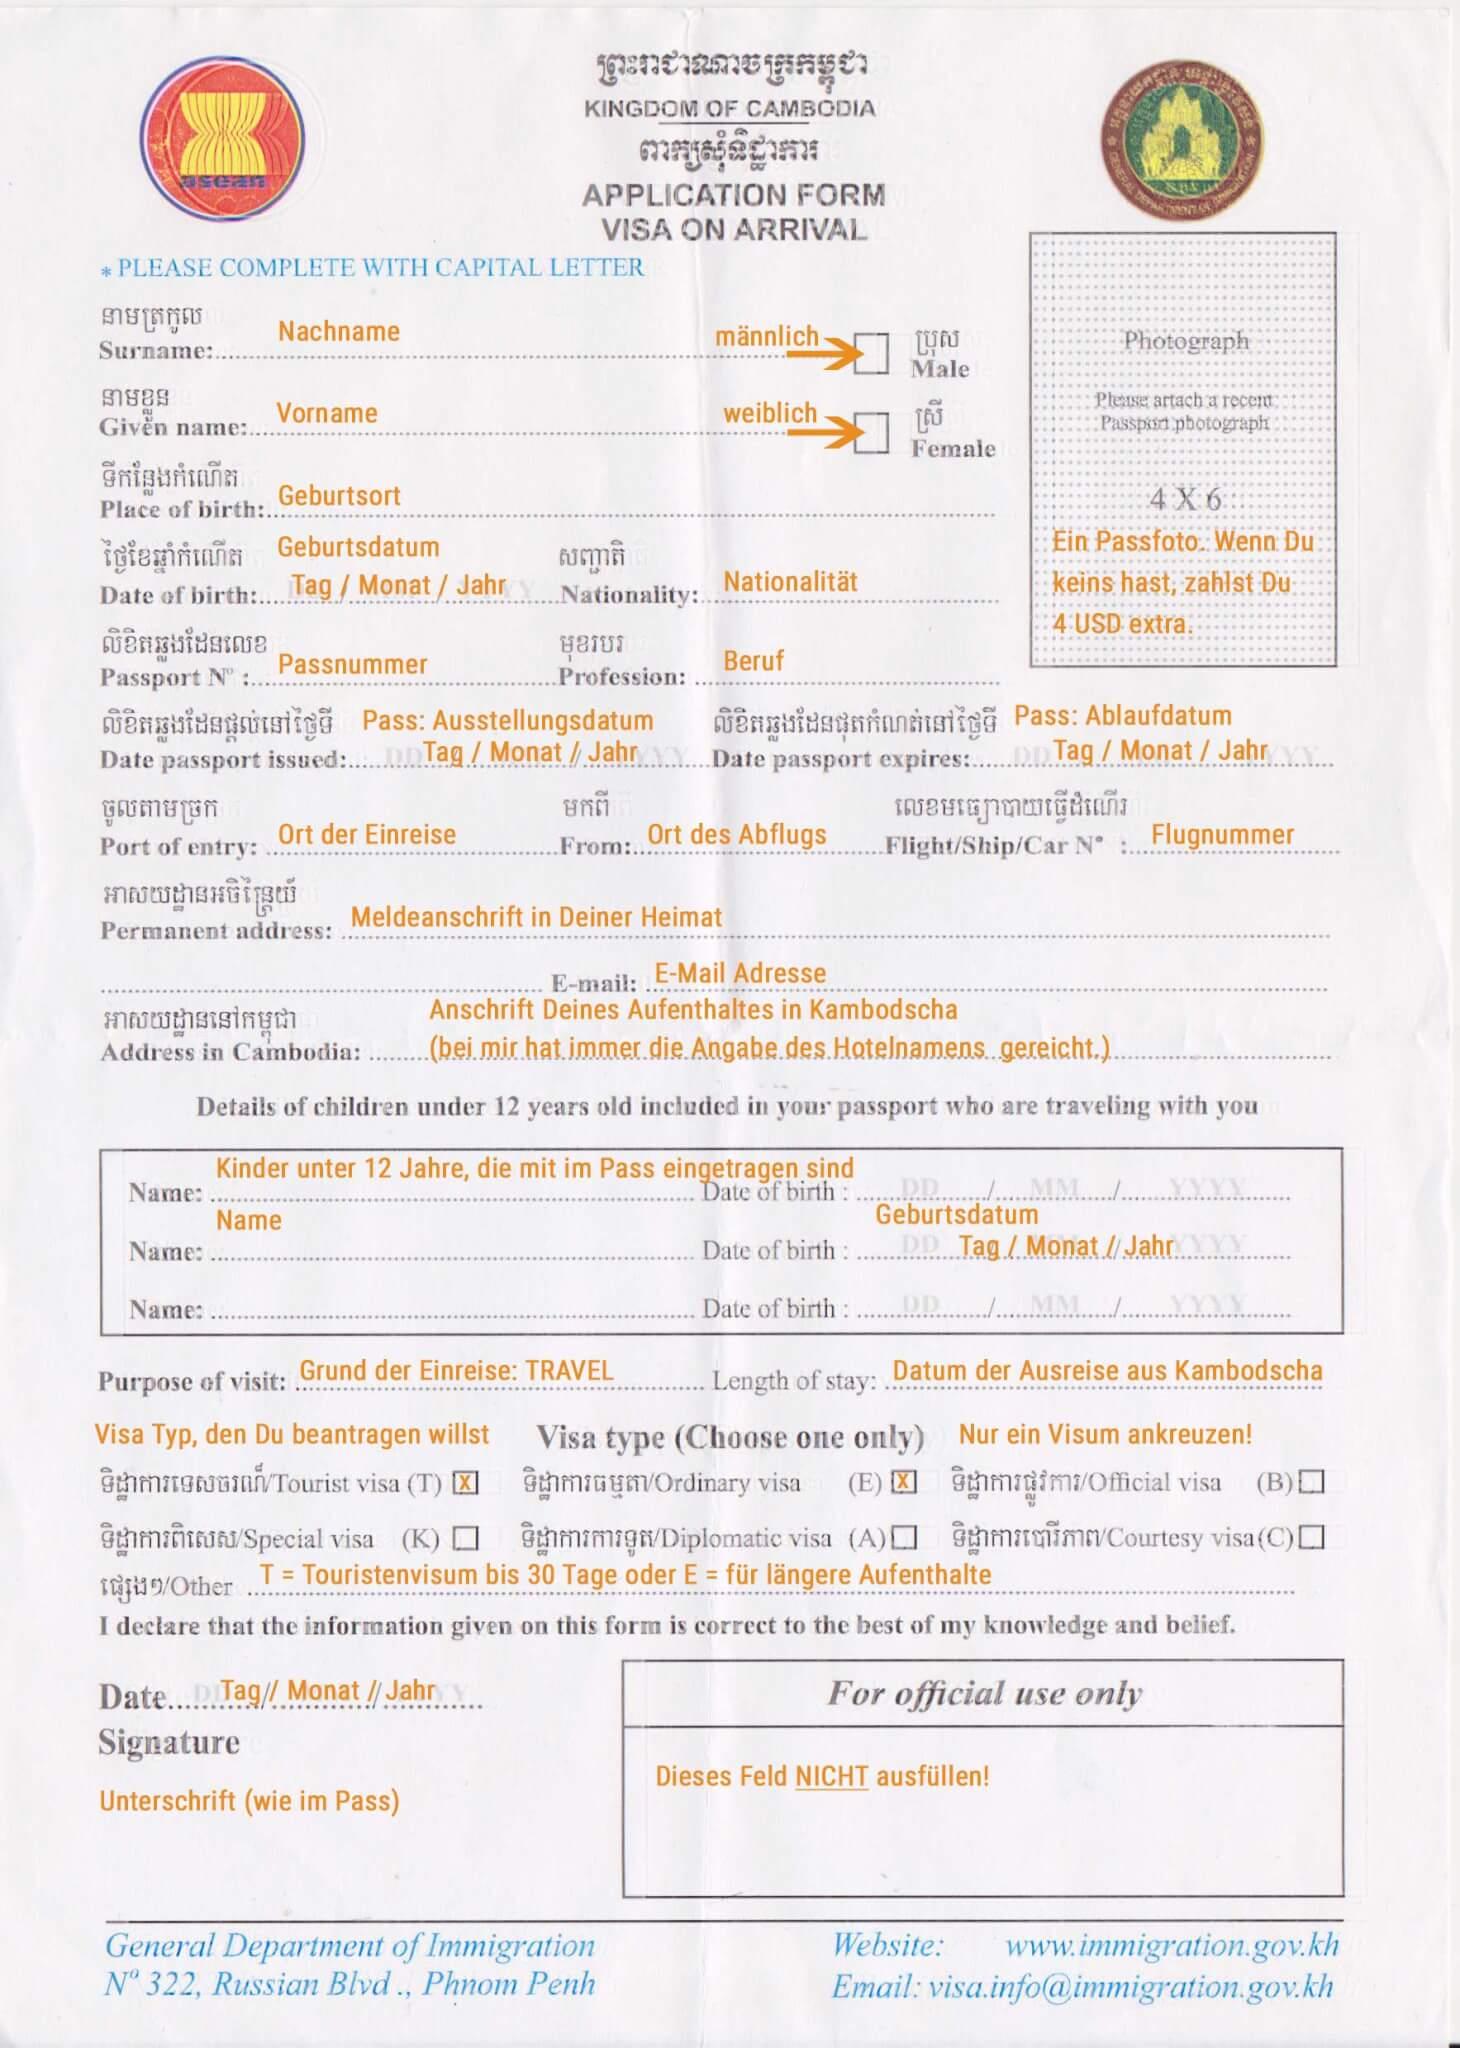 Visa on Arrvial - Application Form, Kambodscha